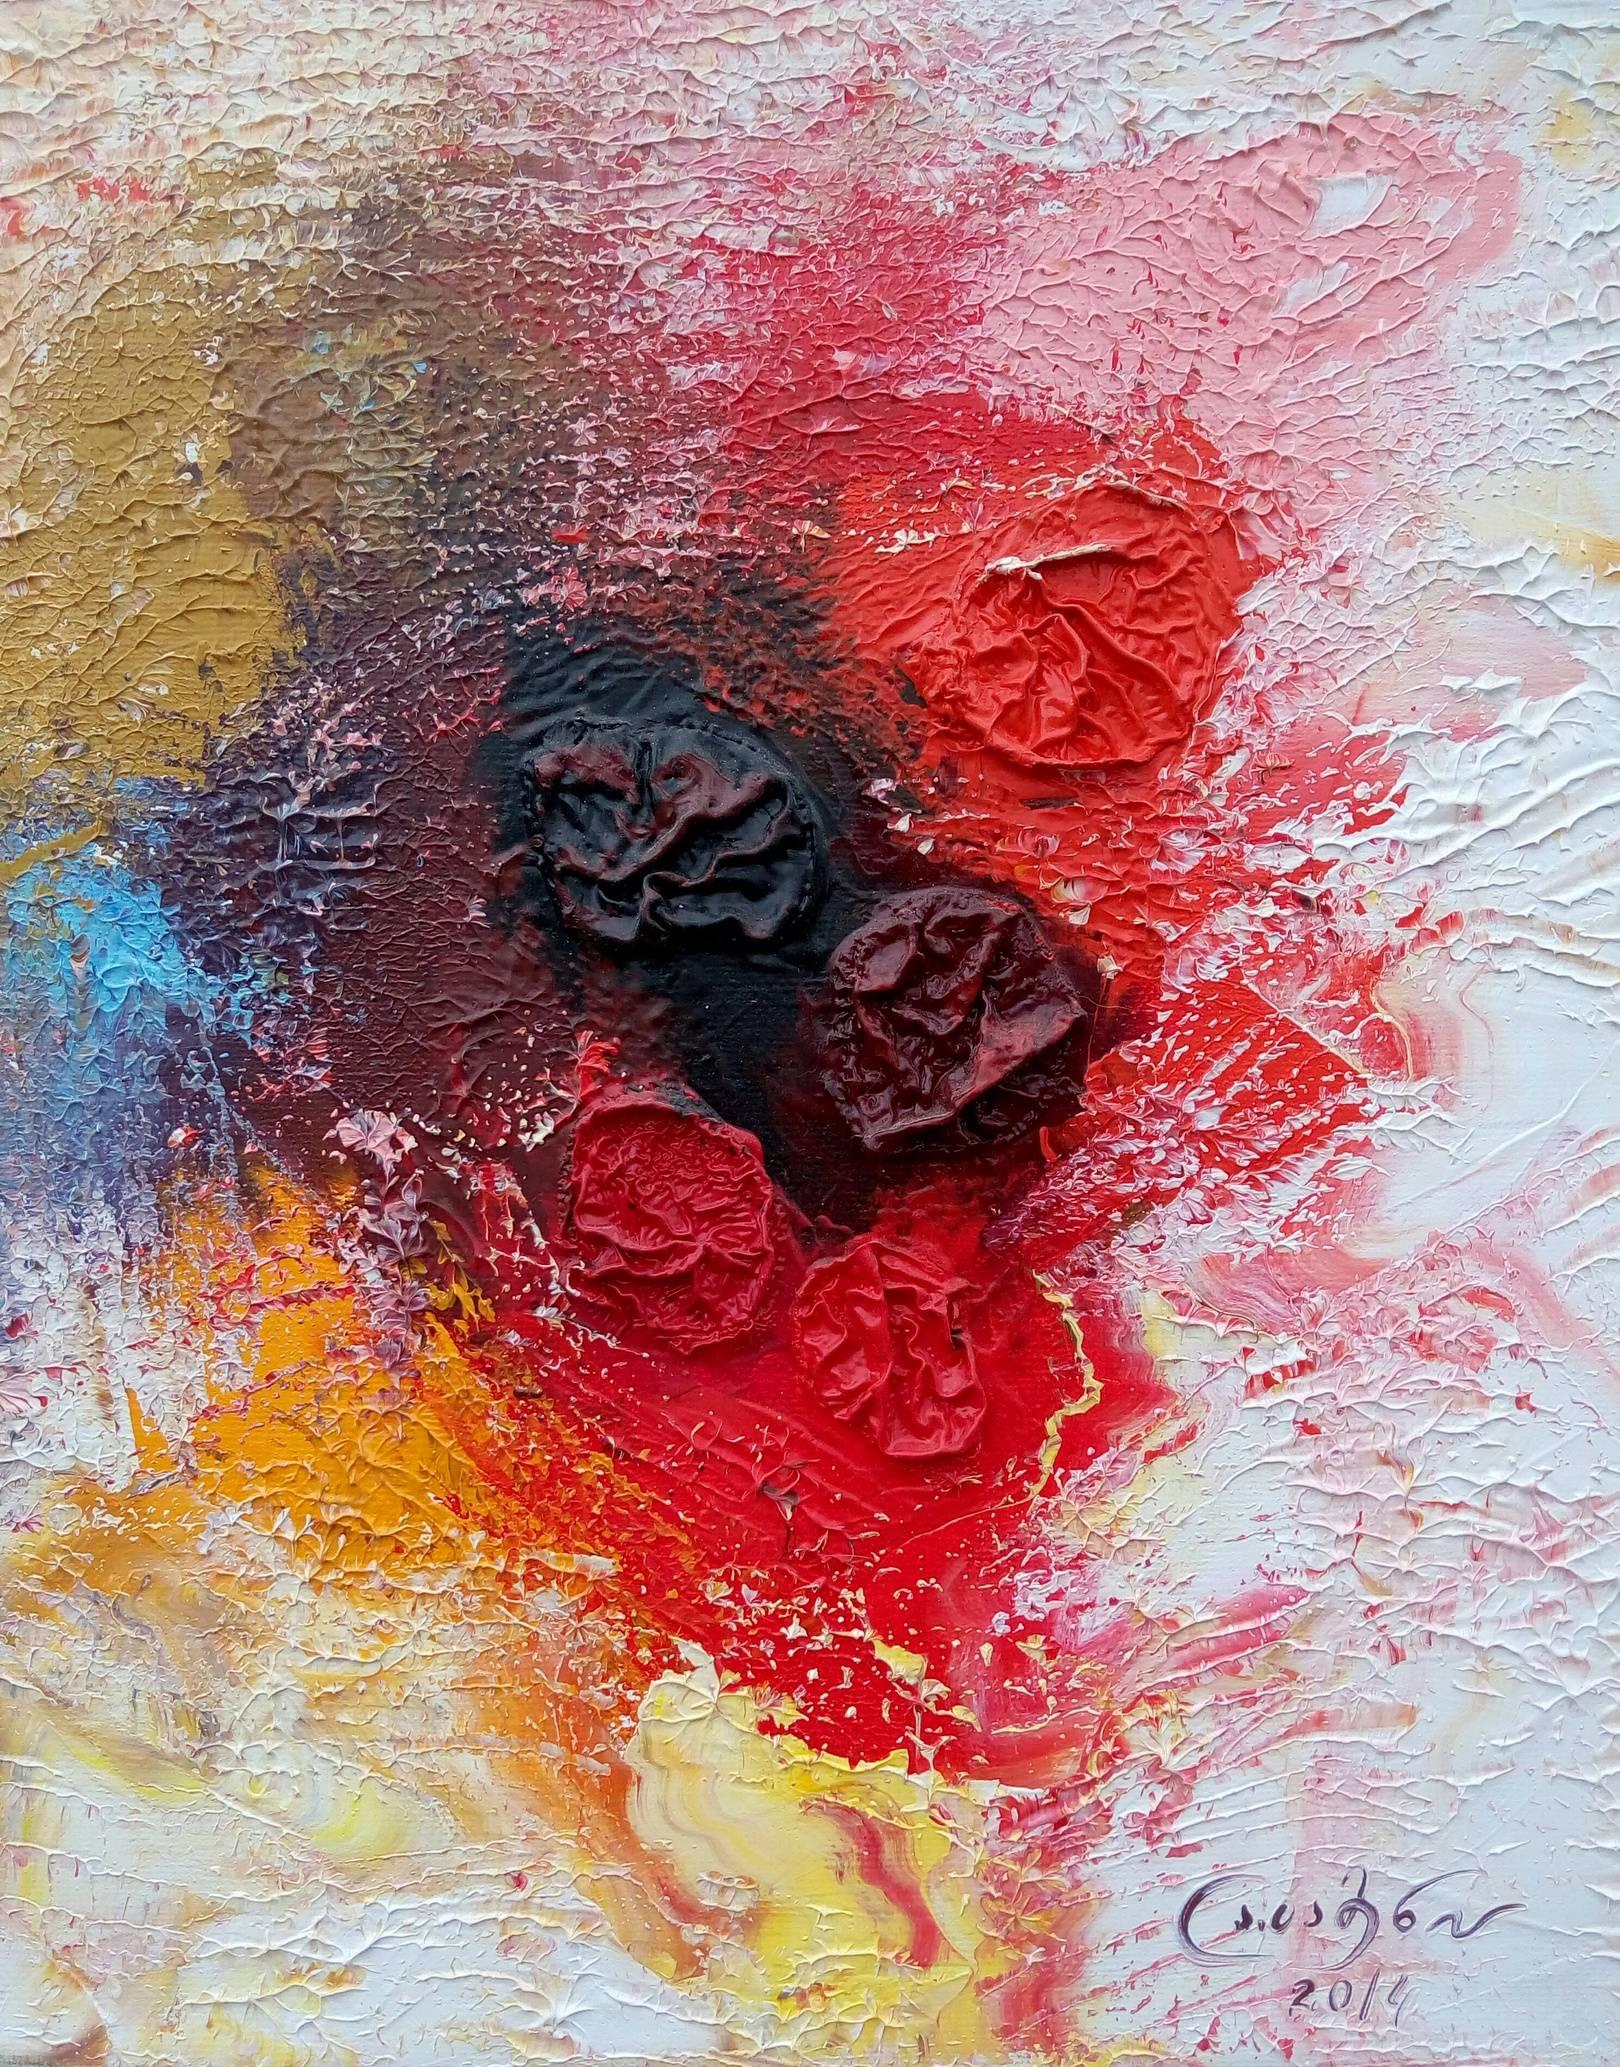 «Весенние зонтики»     холст, масло «Spring umbrellas»        oil on canvas                                                 30x24,   2014